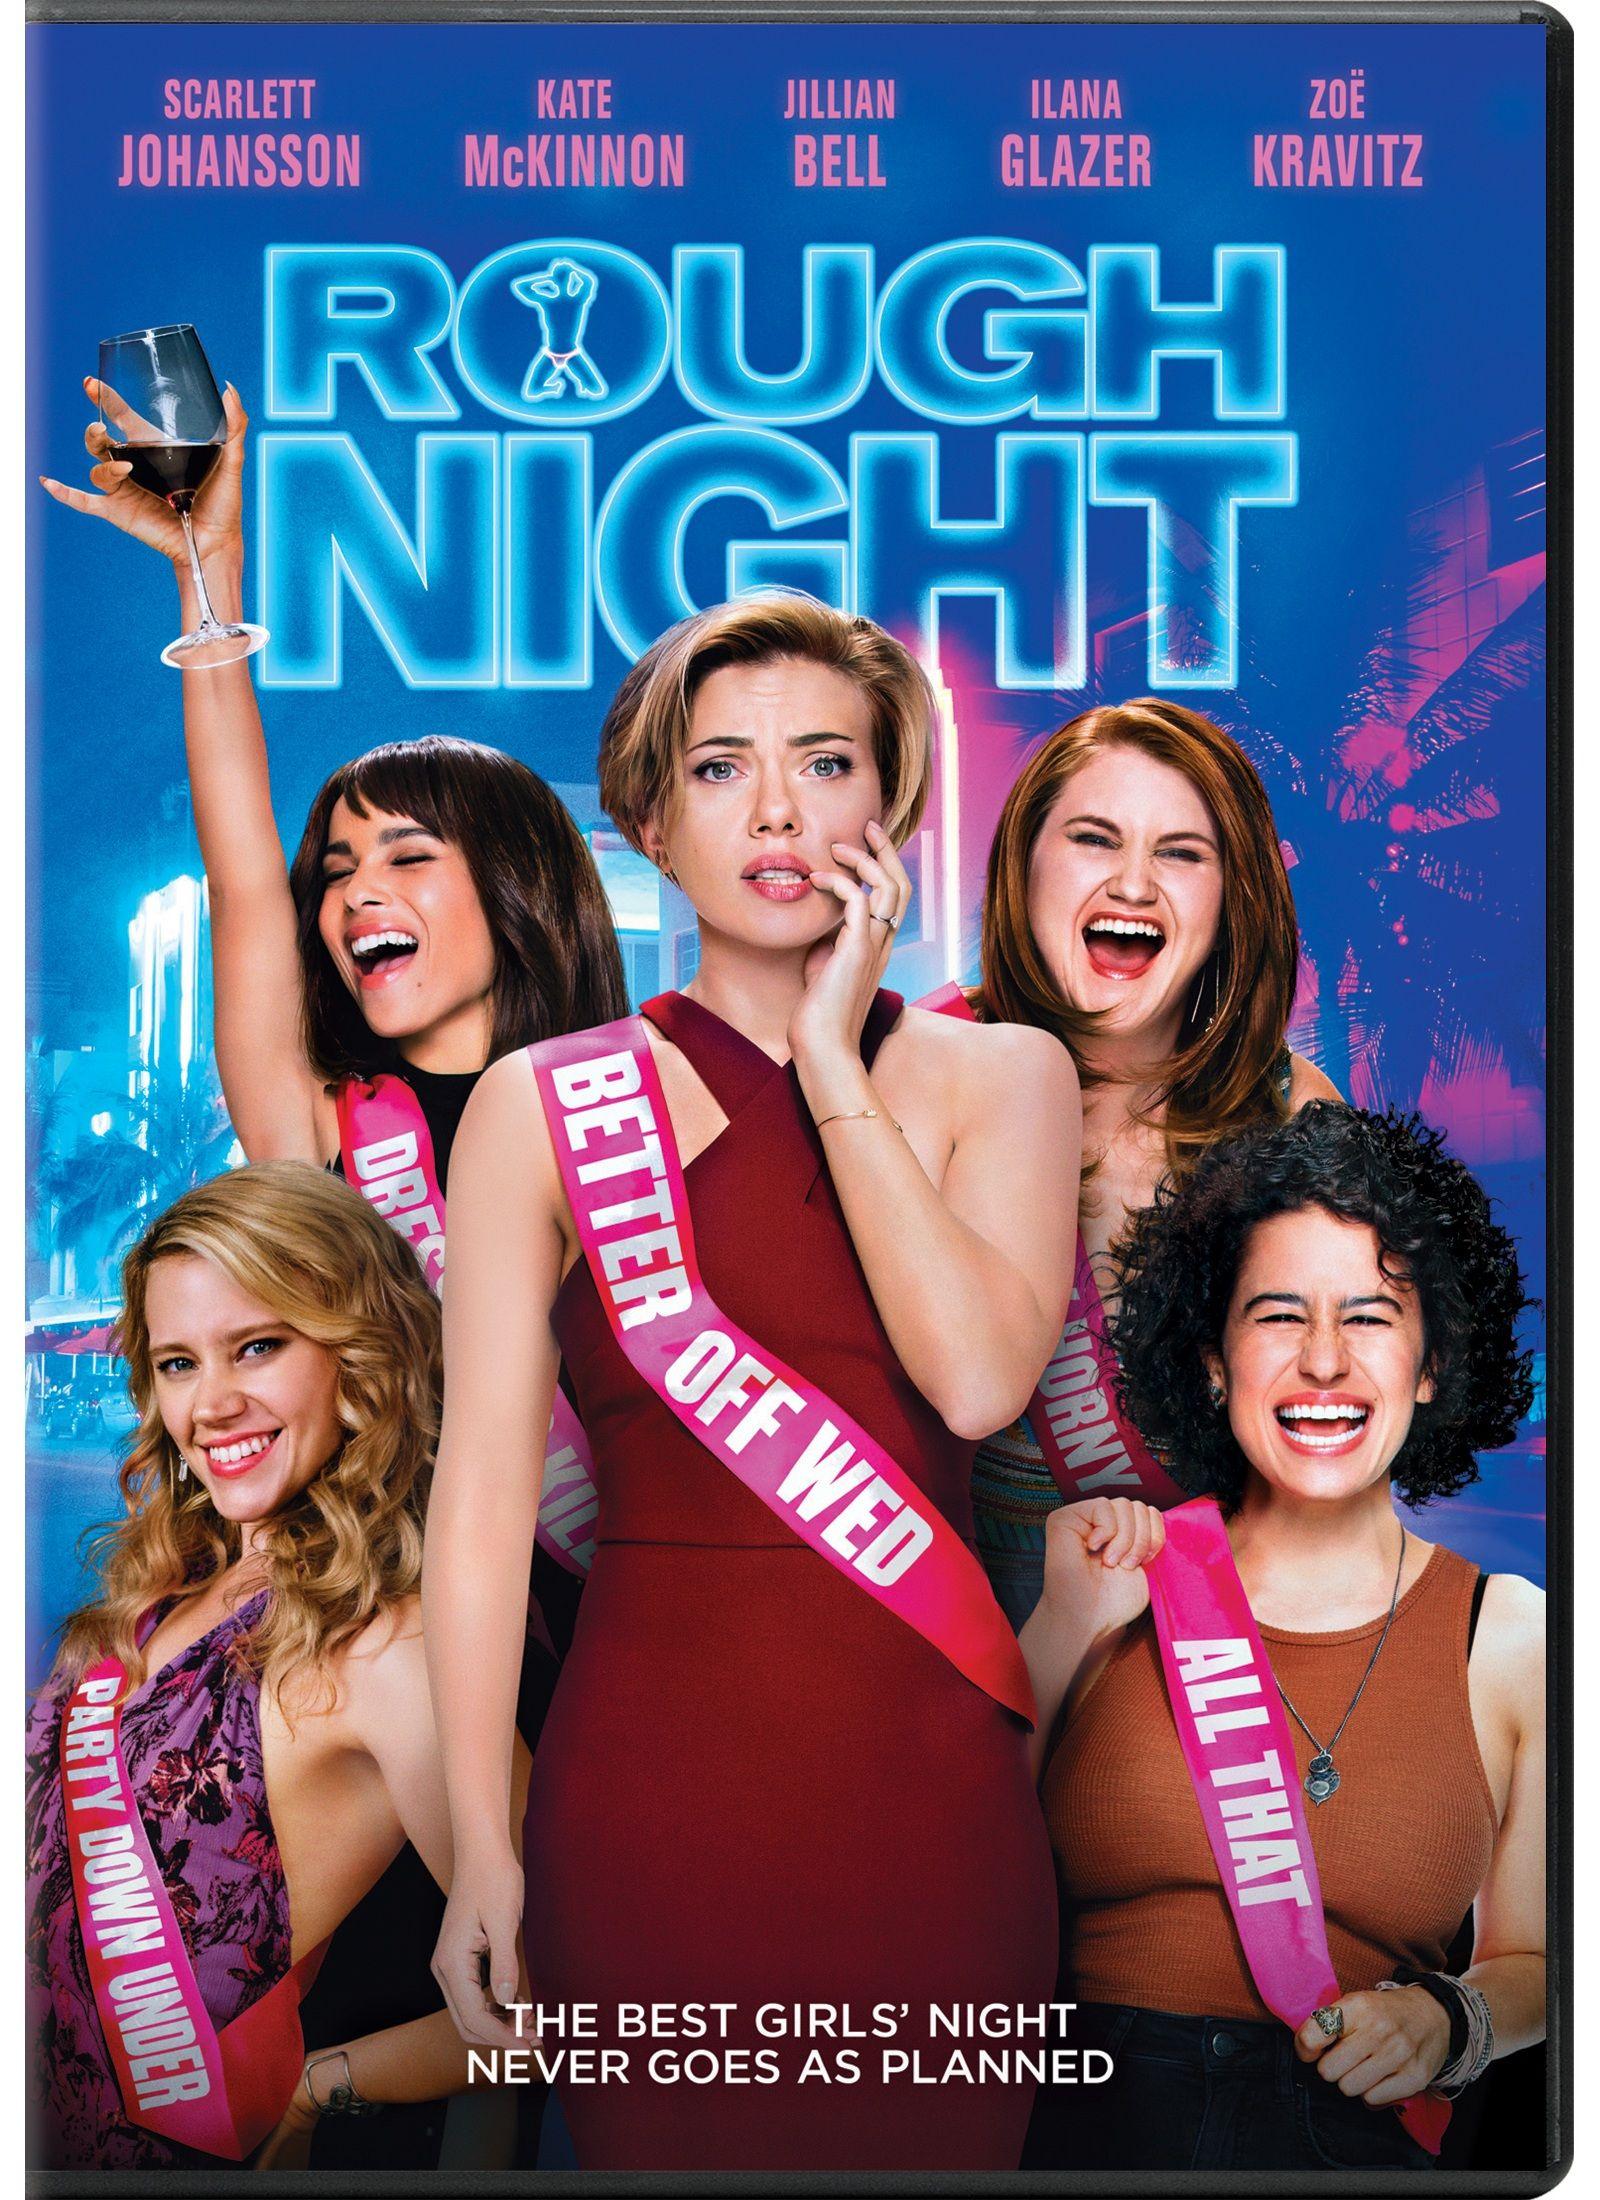 Amor En Fin Movie Online rough night (dvd) | rough night movie, movies online